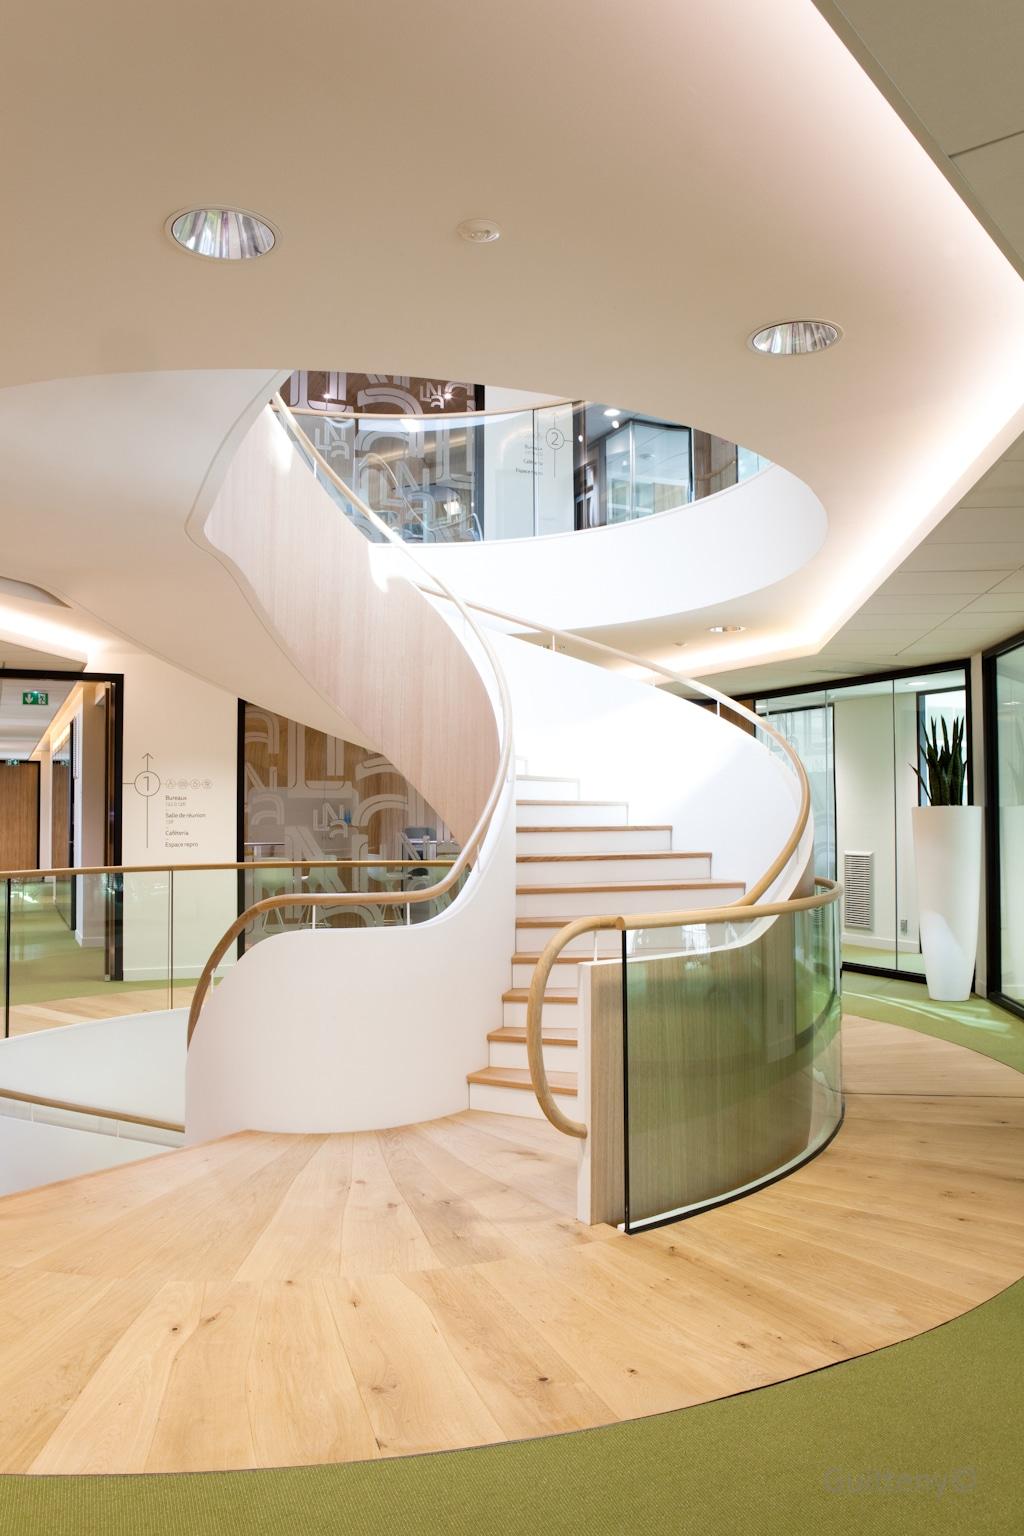 Enduit plâtre paillasse d'escalier, habillage trémie circulaire en plaque de plâtre avec gorge lumineuse